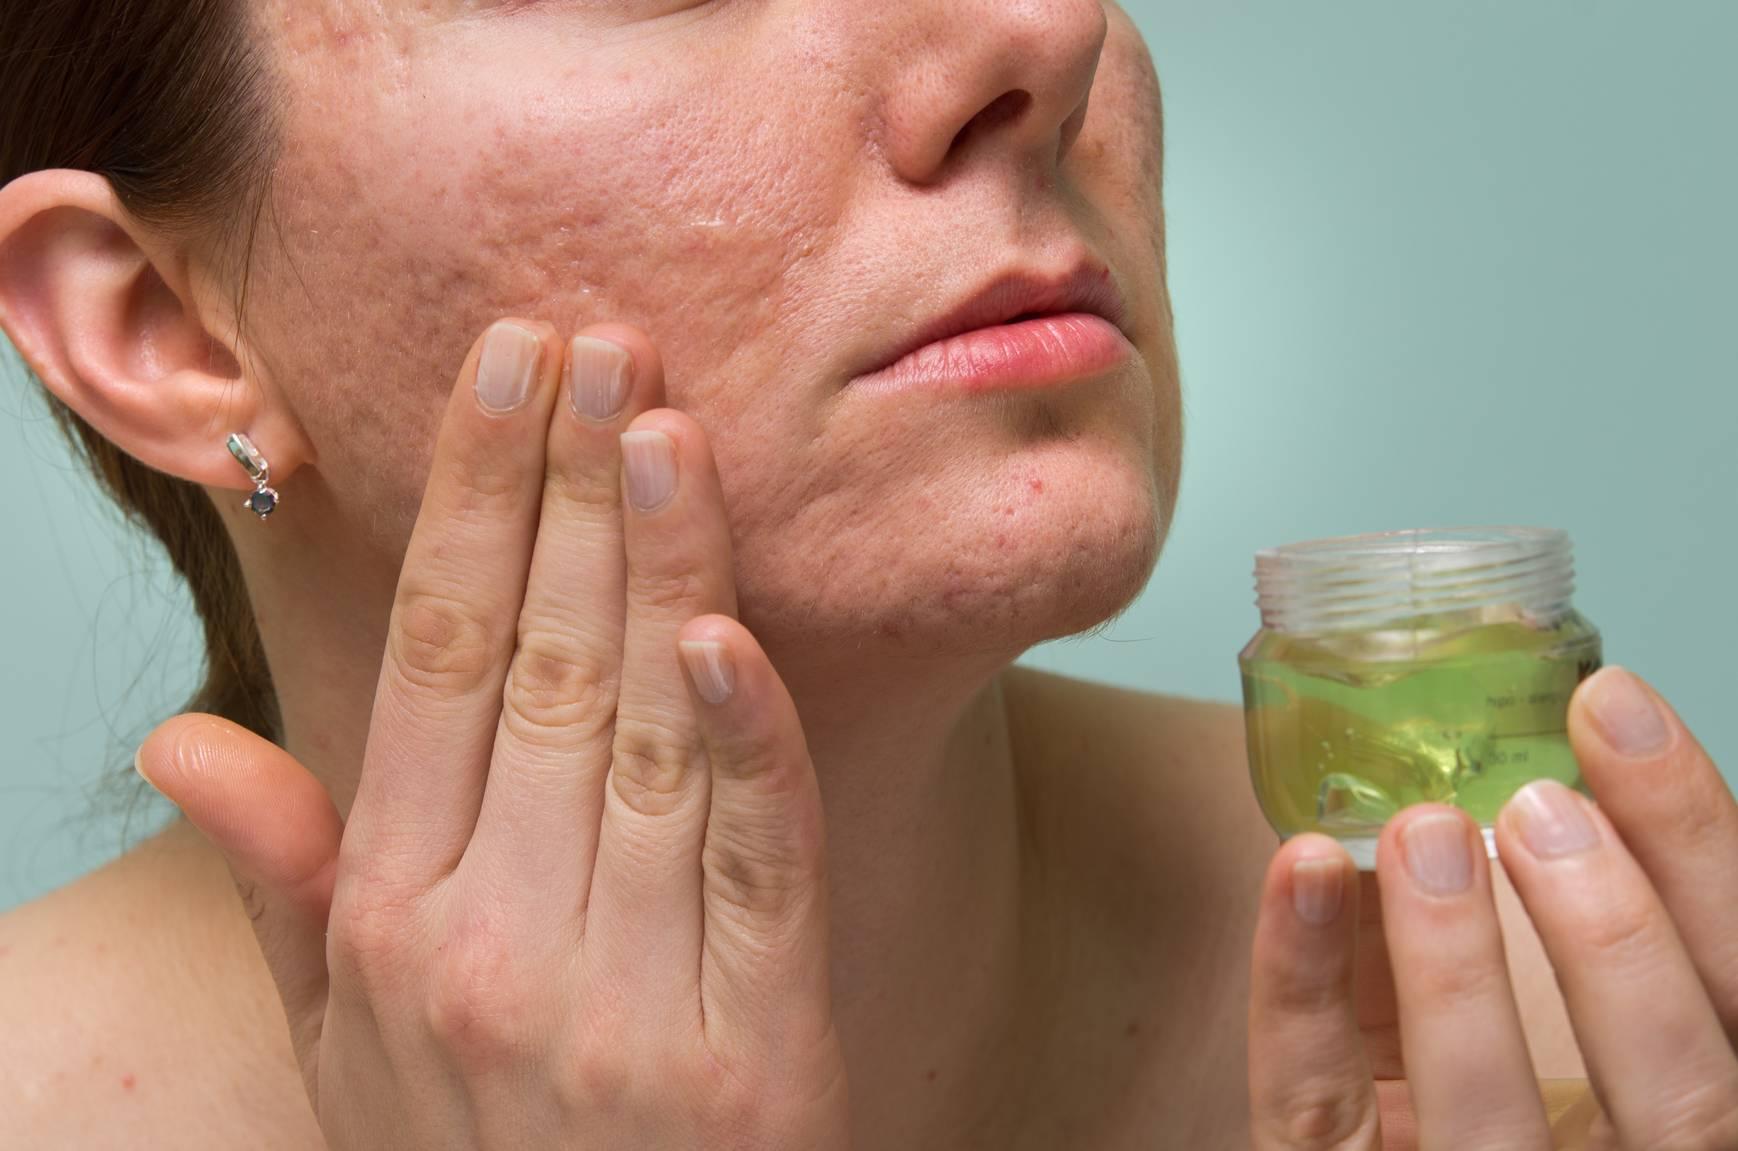 Что делать при обветривании лица, методы профилактики и лечения. что делать, если обветрилось лицо